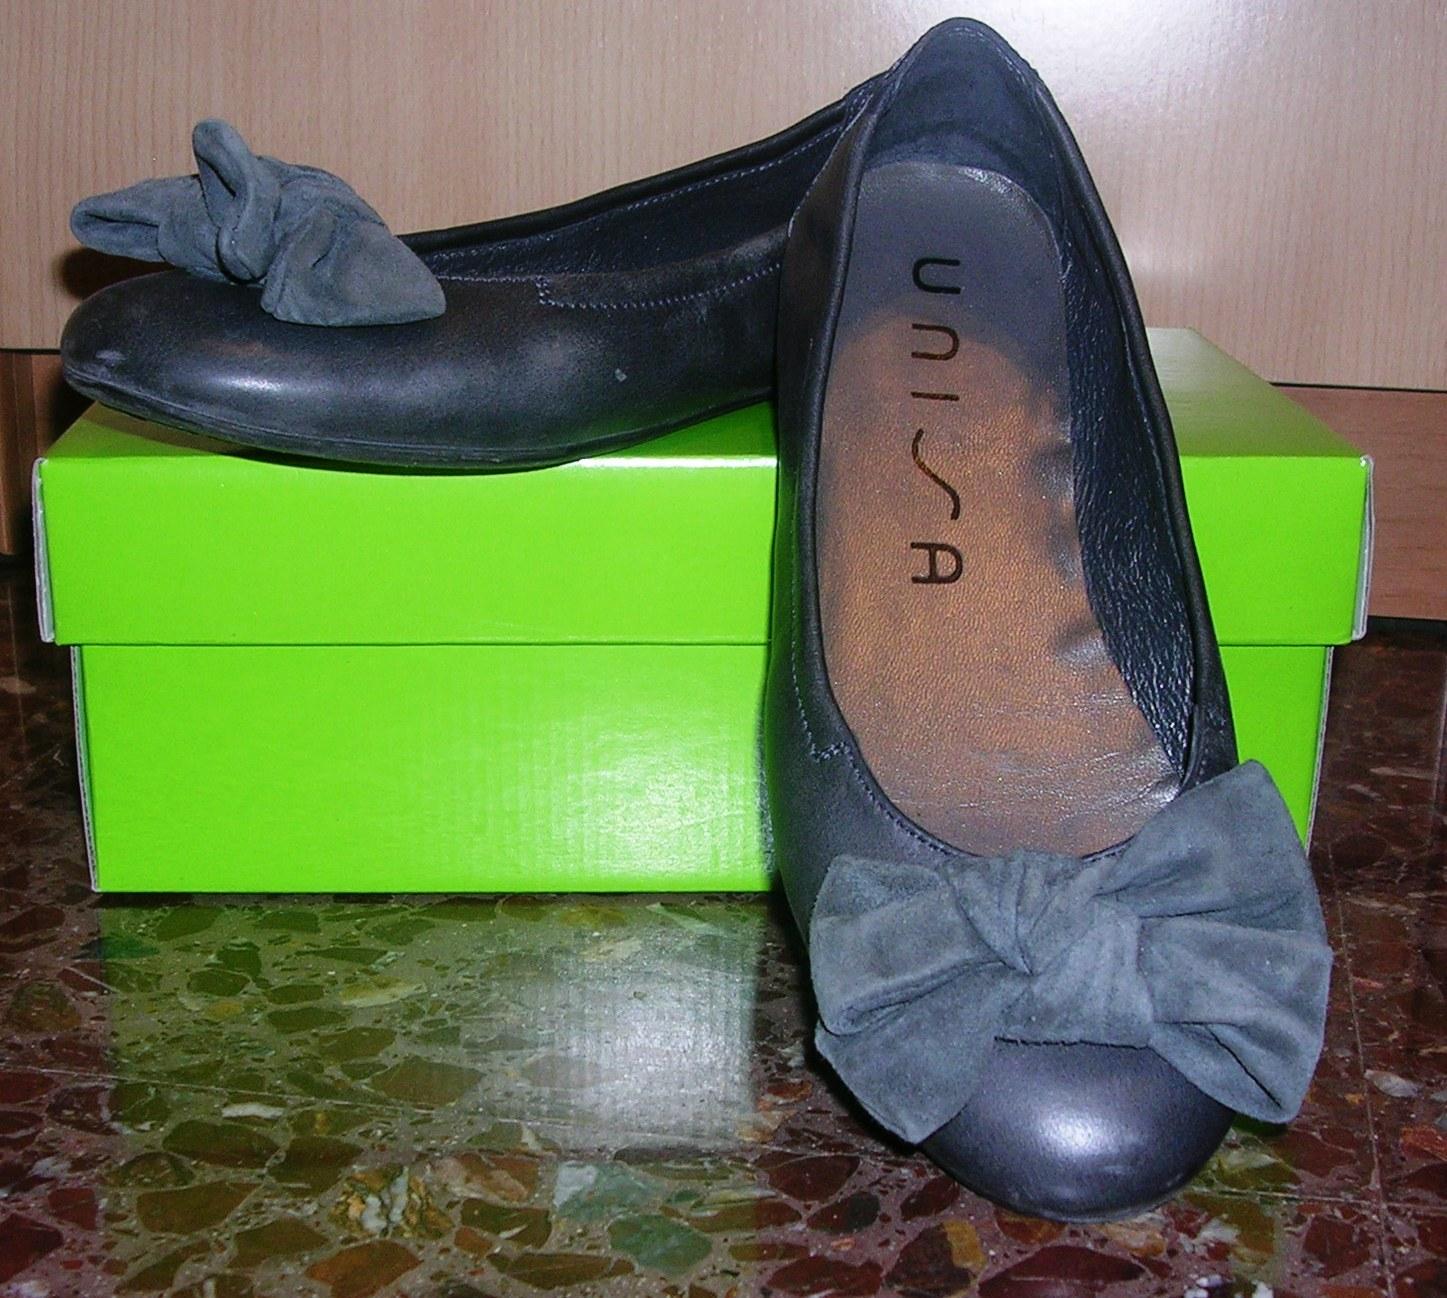 Zapatos Treinta Y Baratos Zapatos Tantos Zapatos Baratos Y Treinta Tantos Baratos Y Tantos Treinta Y Treinta C6qTAIxnw